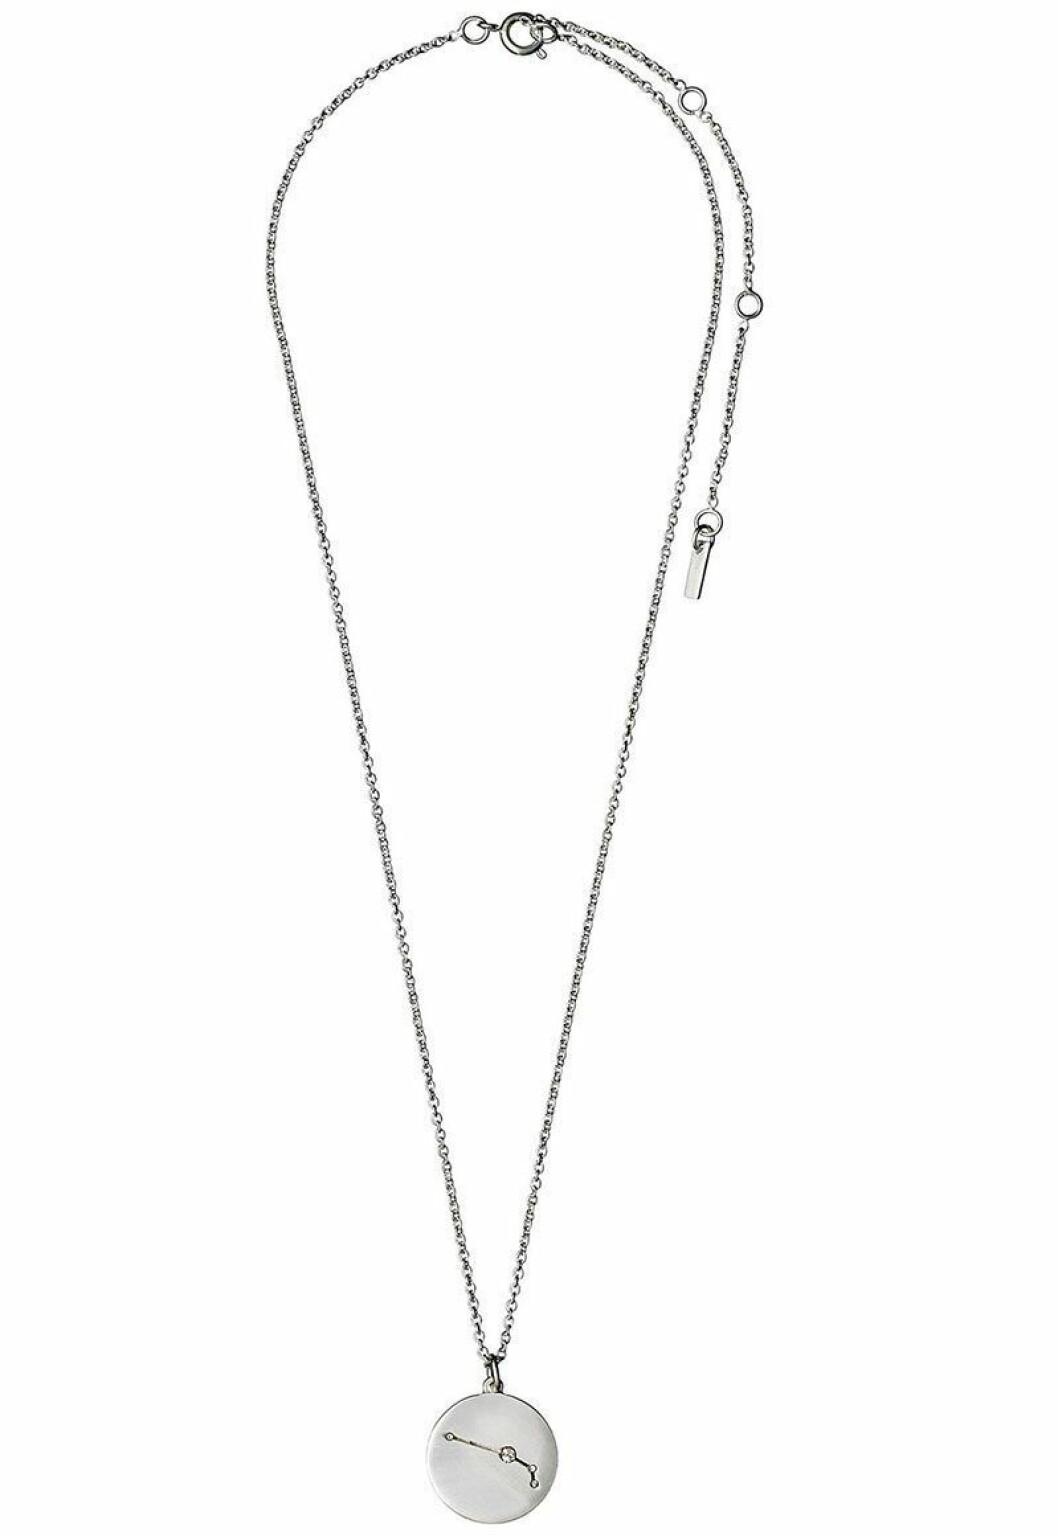 Halsband från Pilgrim med stjärntecknet väduren